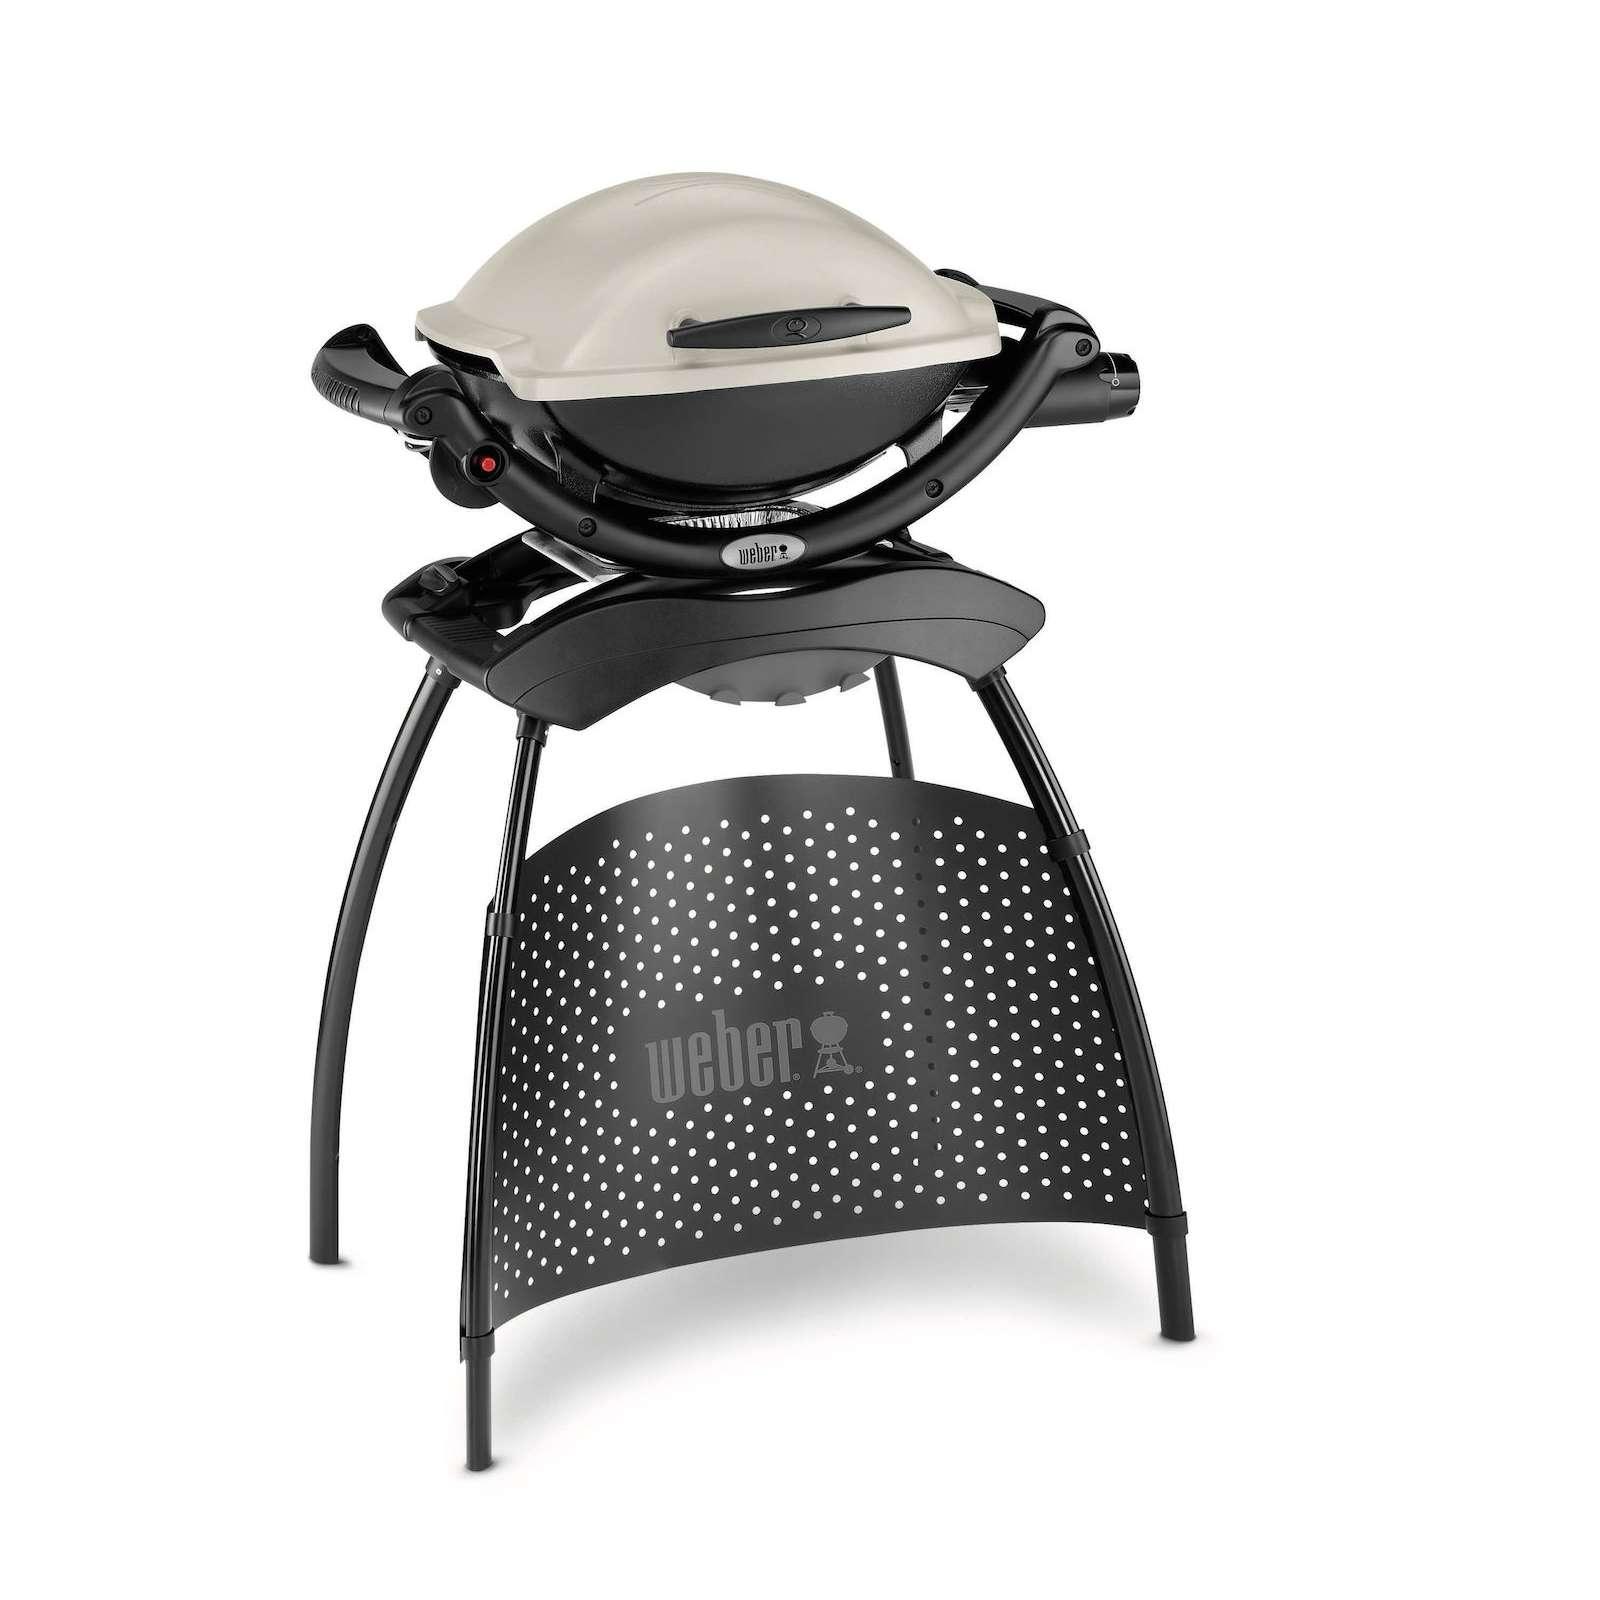 weber gasgrill q 1000 stand titan ohne seitentische grillwelt24. Black Bedroom Furniture Sets. Home Design Ideas